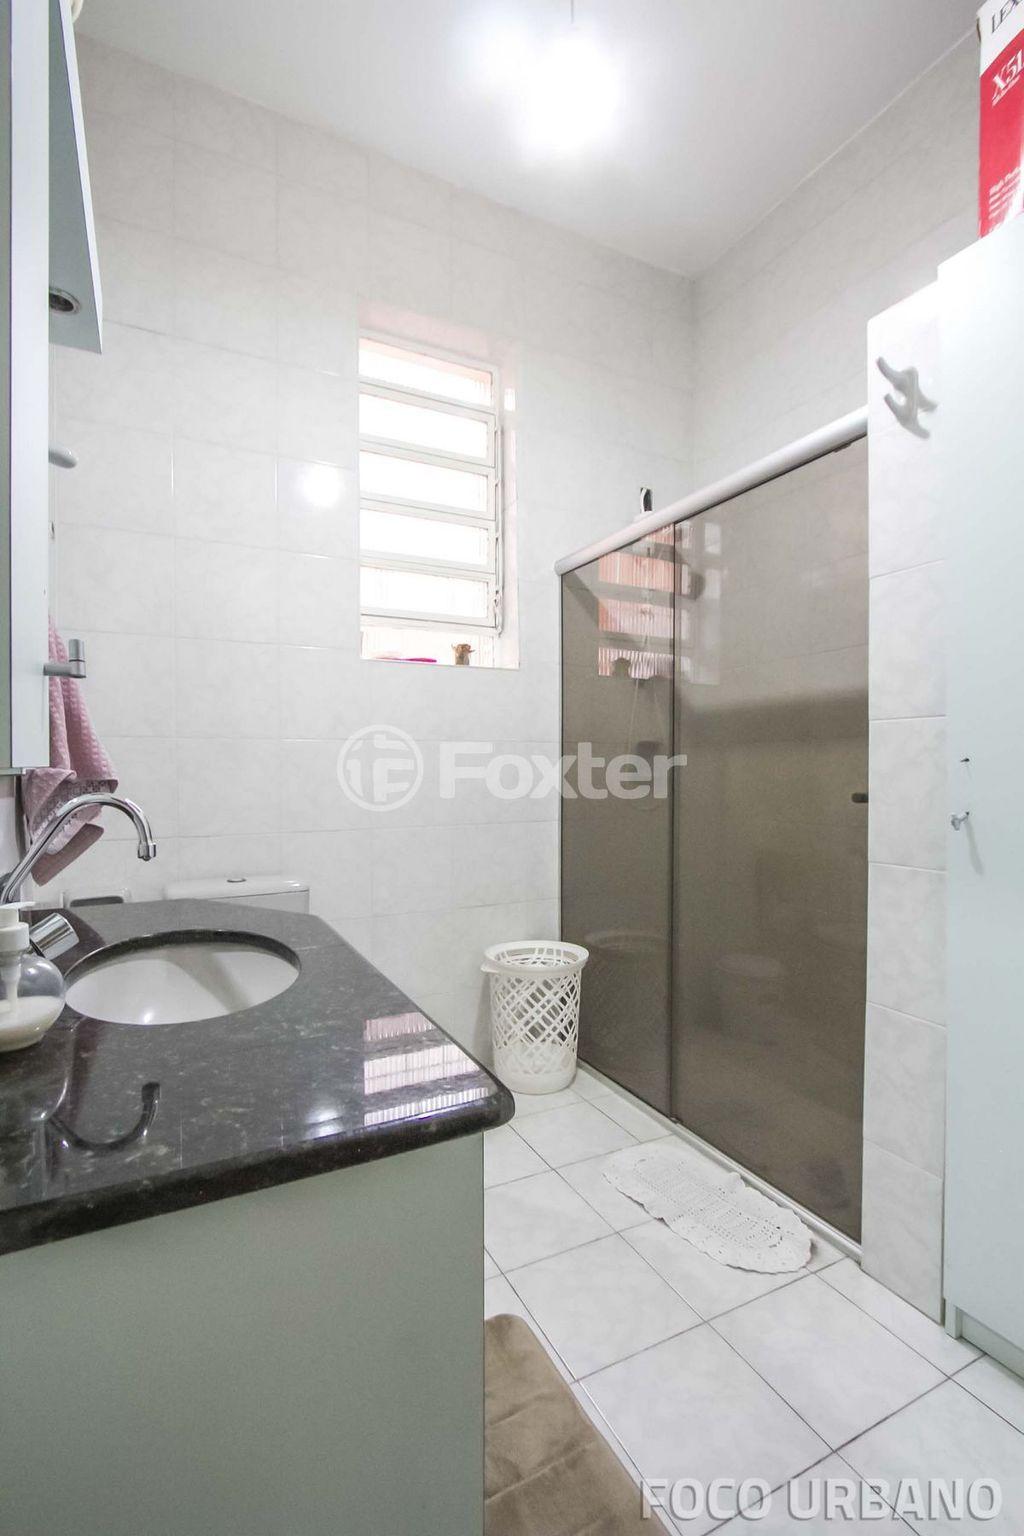 Casa 3 Dorm, São João, Porto Alegre (133467) - Foto 8